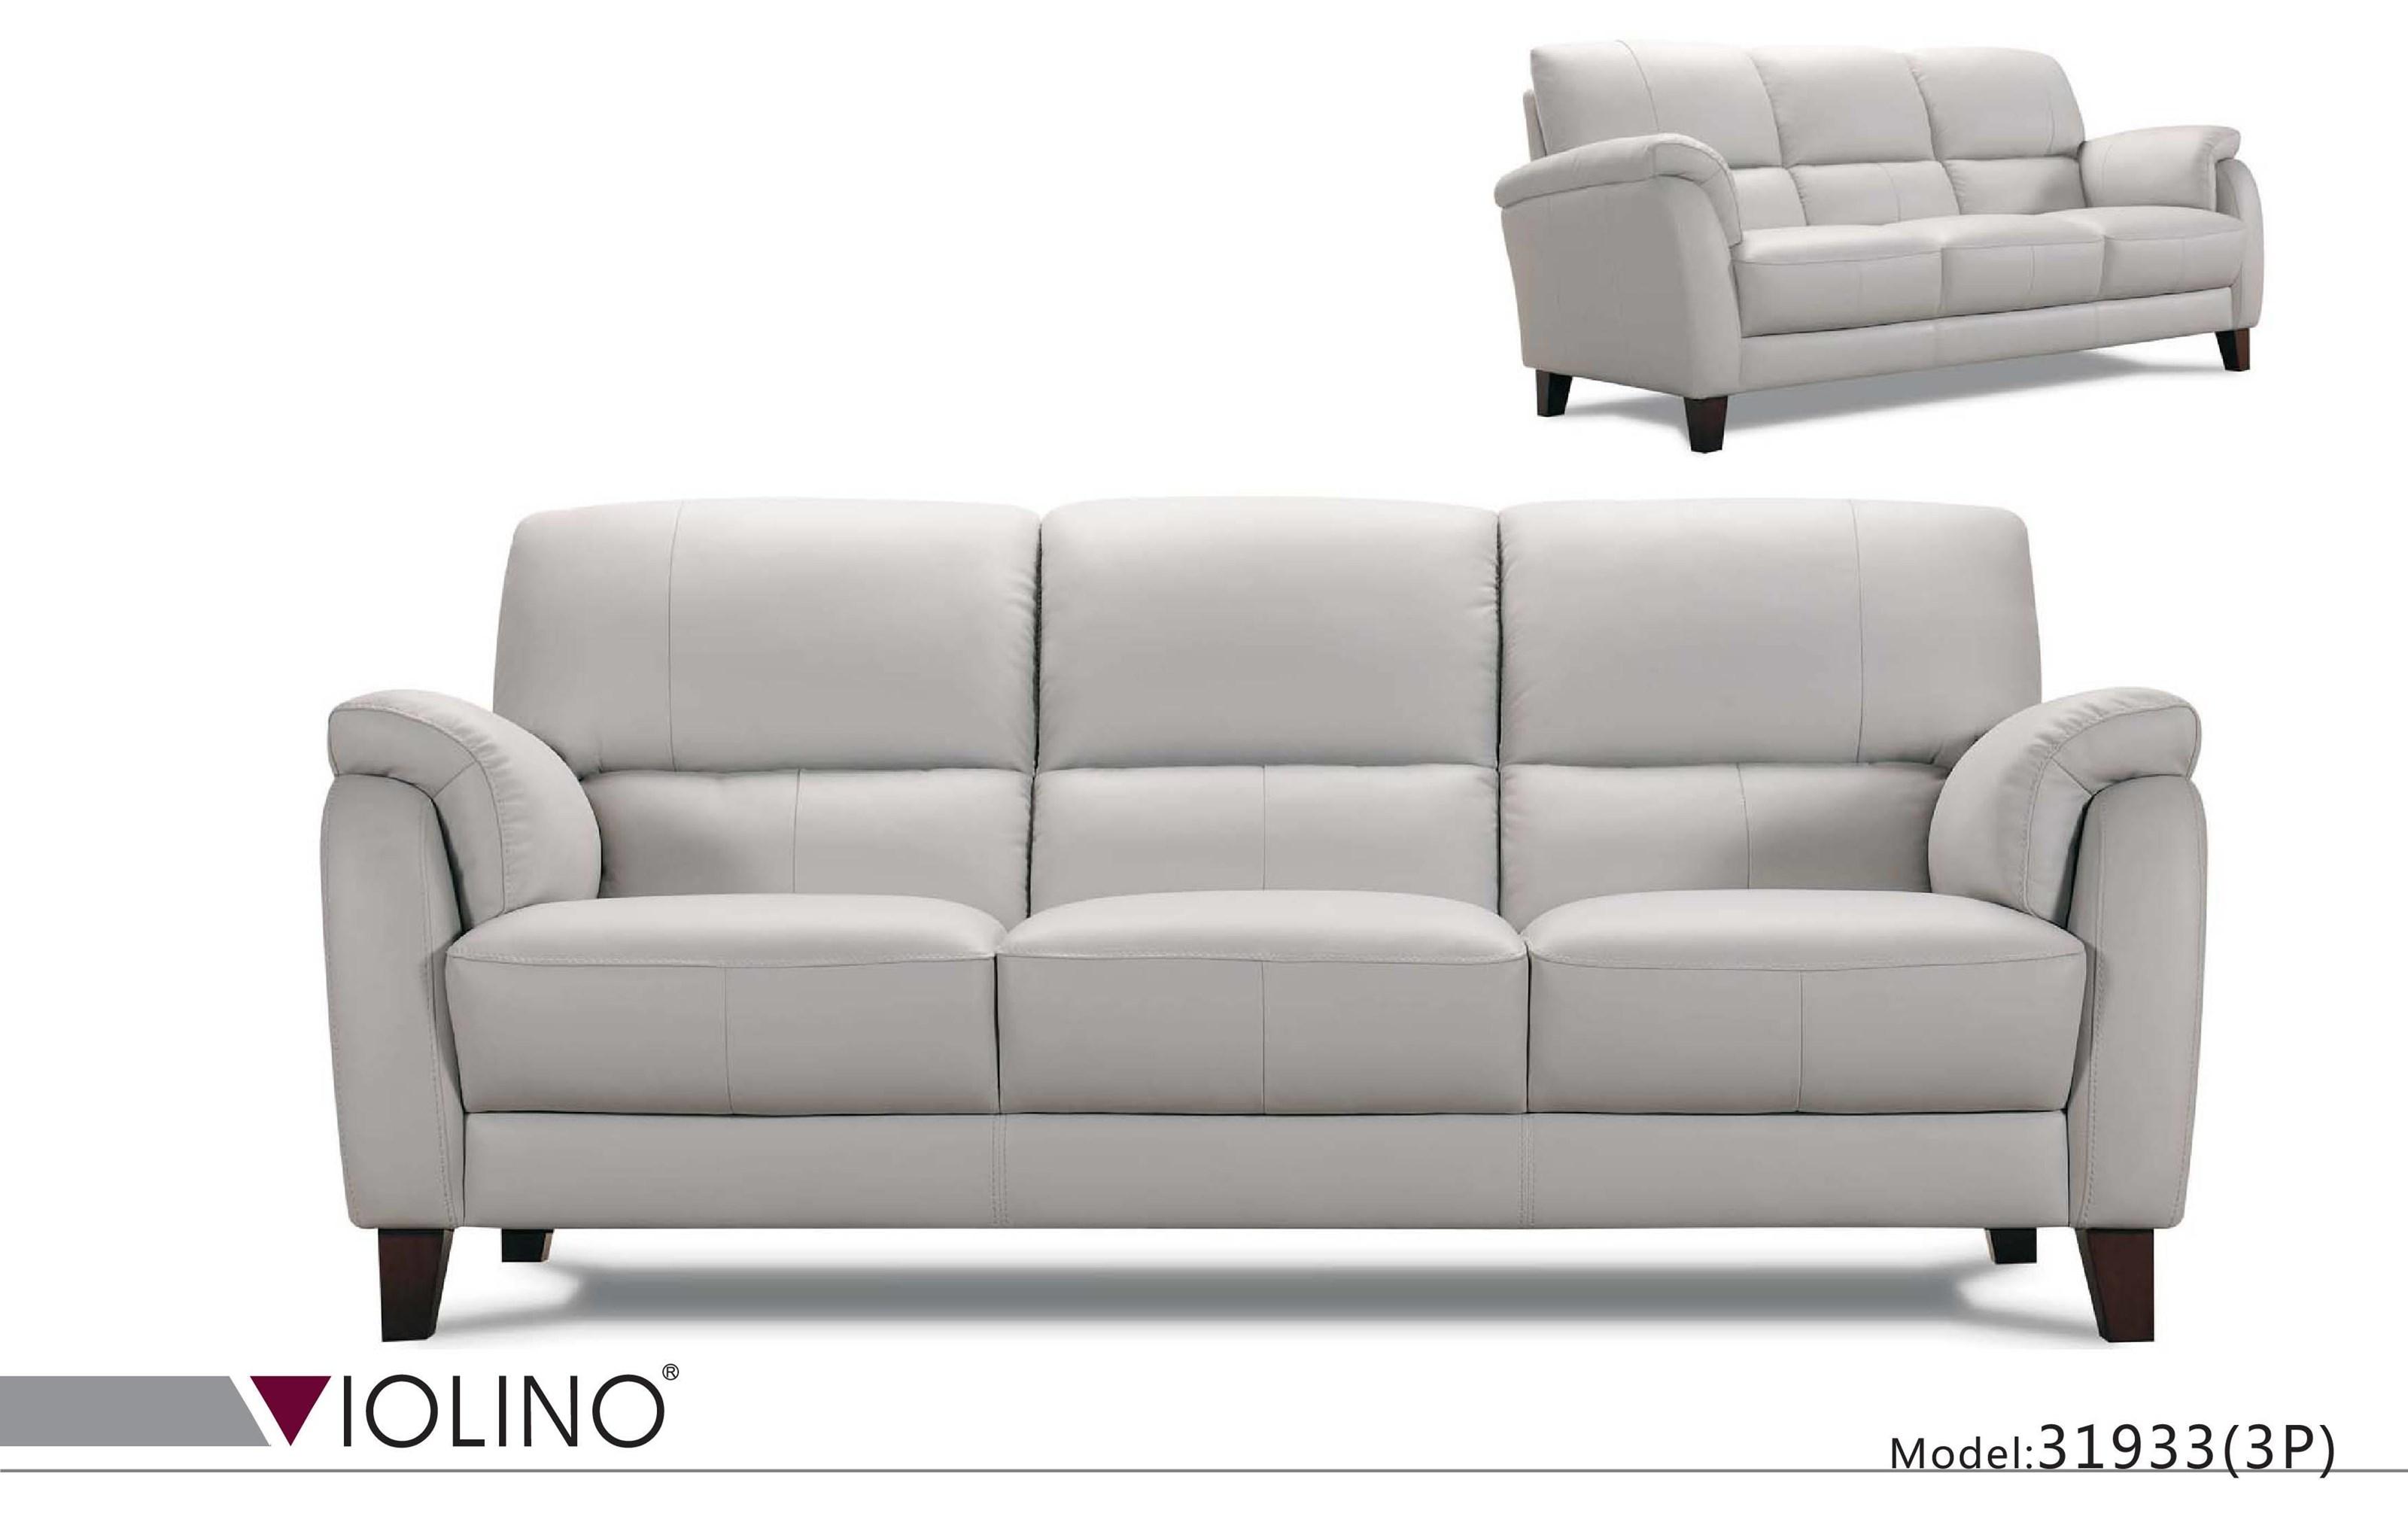 Violino 31933 Sofa - Item Number: 31933 LM 3P-PLPSM3038